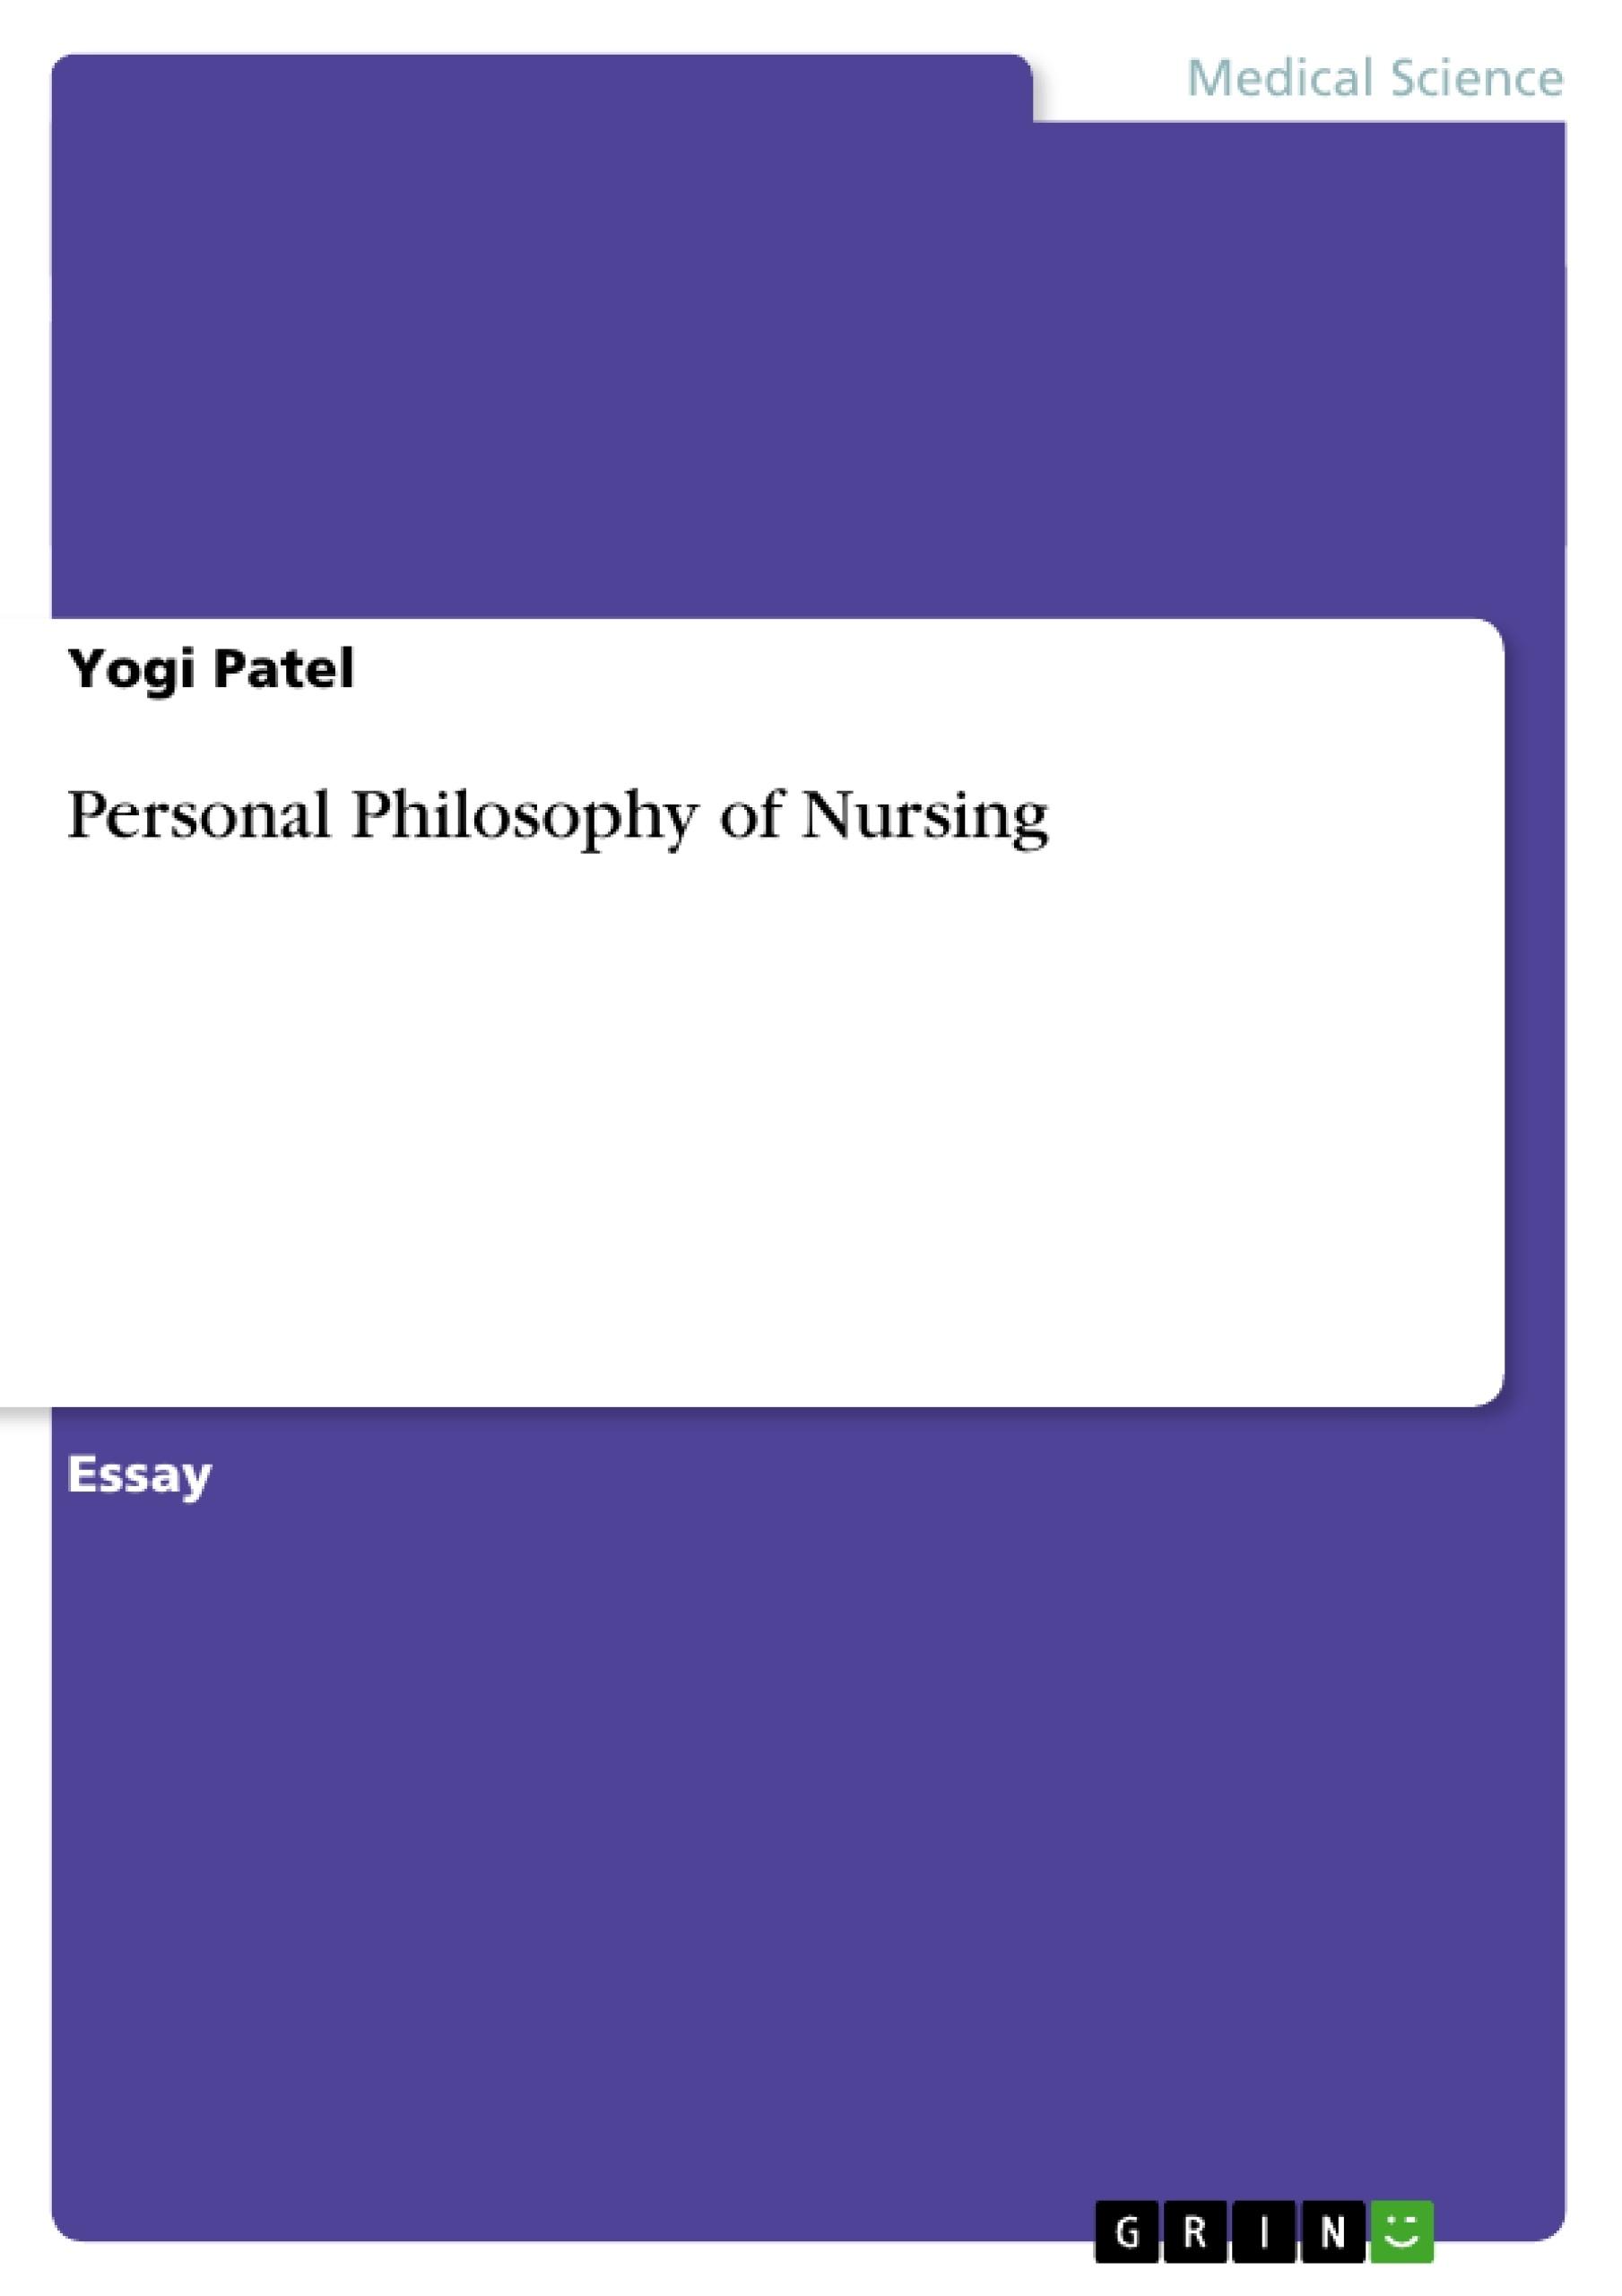 020 Essay Example Philosophy Of Nursing 285343 0 Fantastic College Full